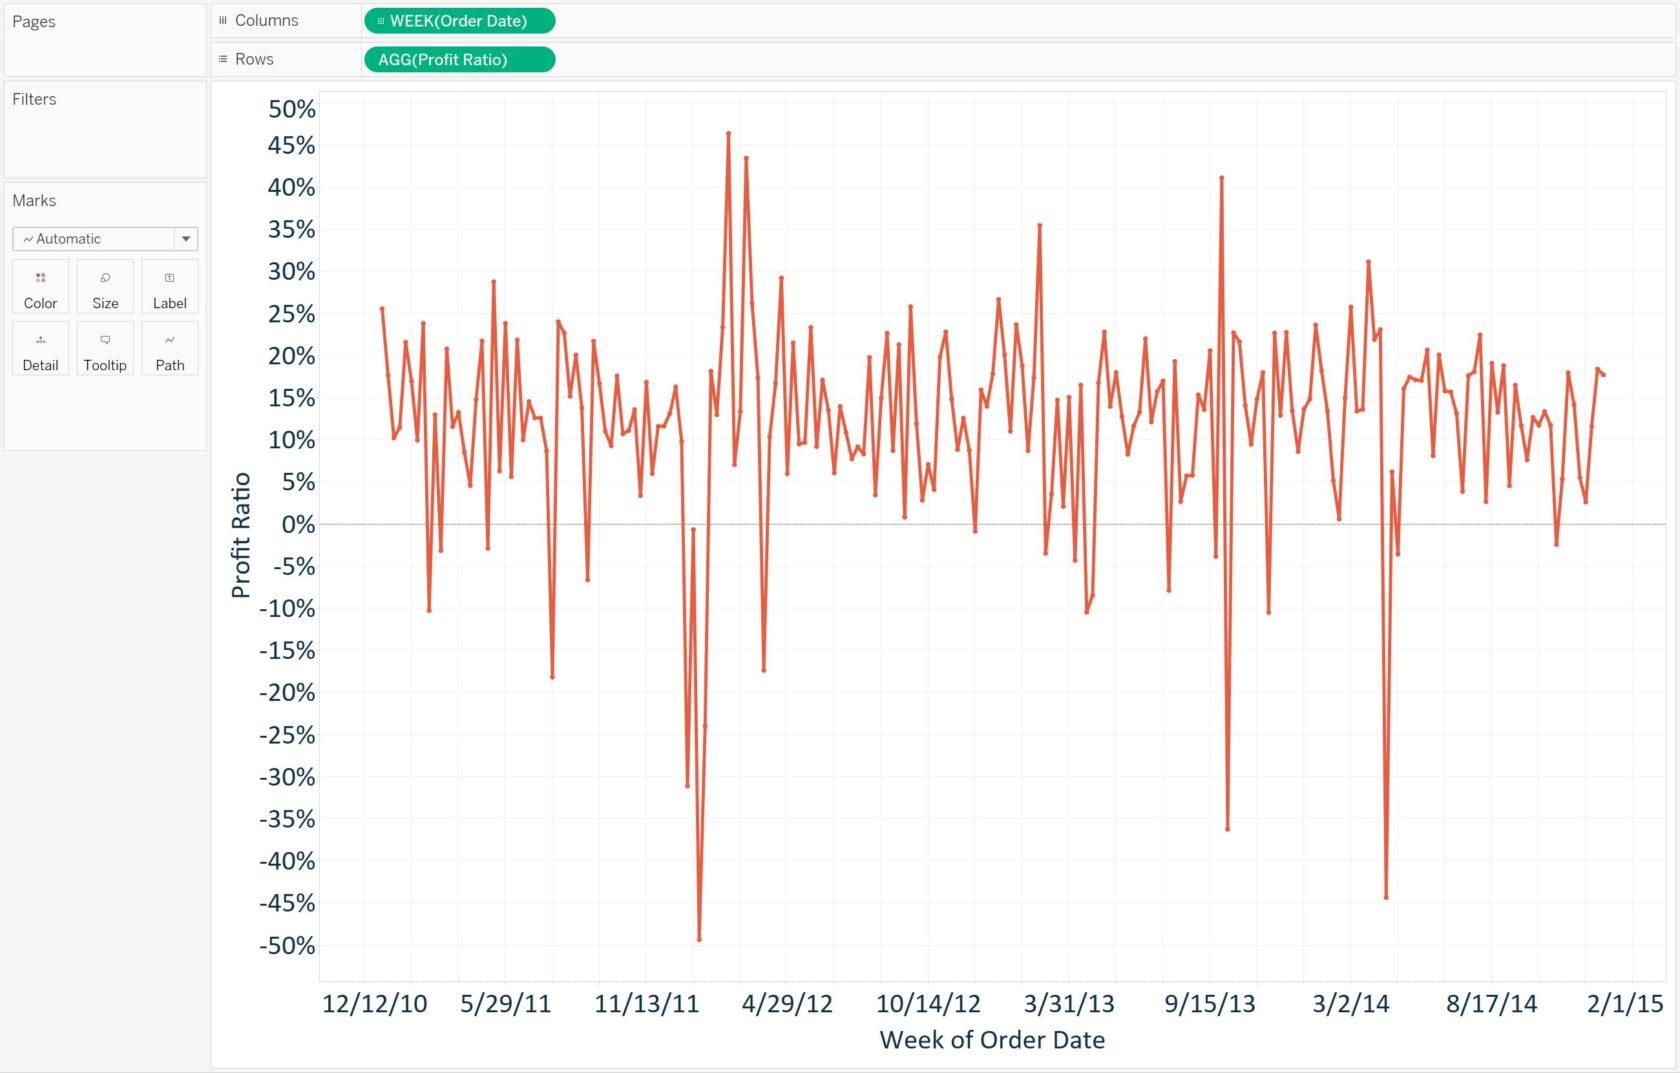 Tableau Profit Ratio by Week Line Graph